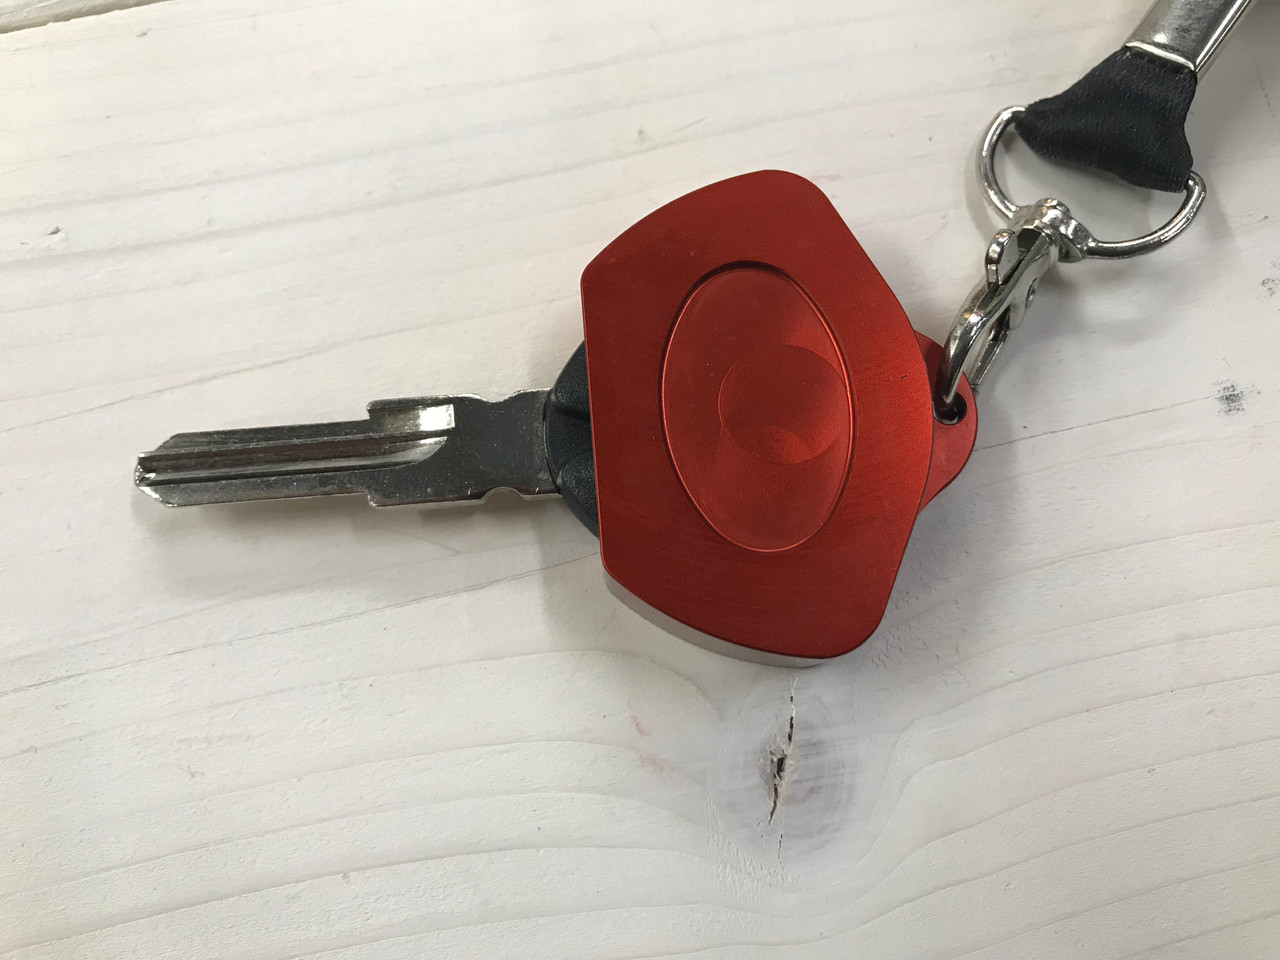 Porte-Clef Can-Am Spyder - Aluminium Anodisé Couleur